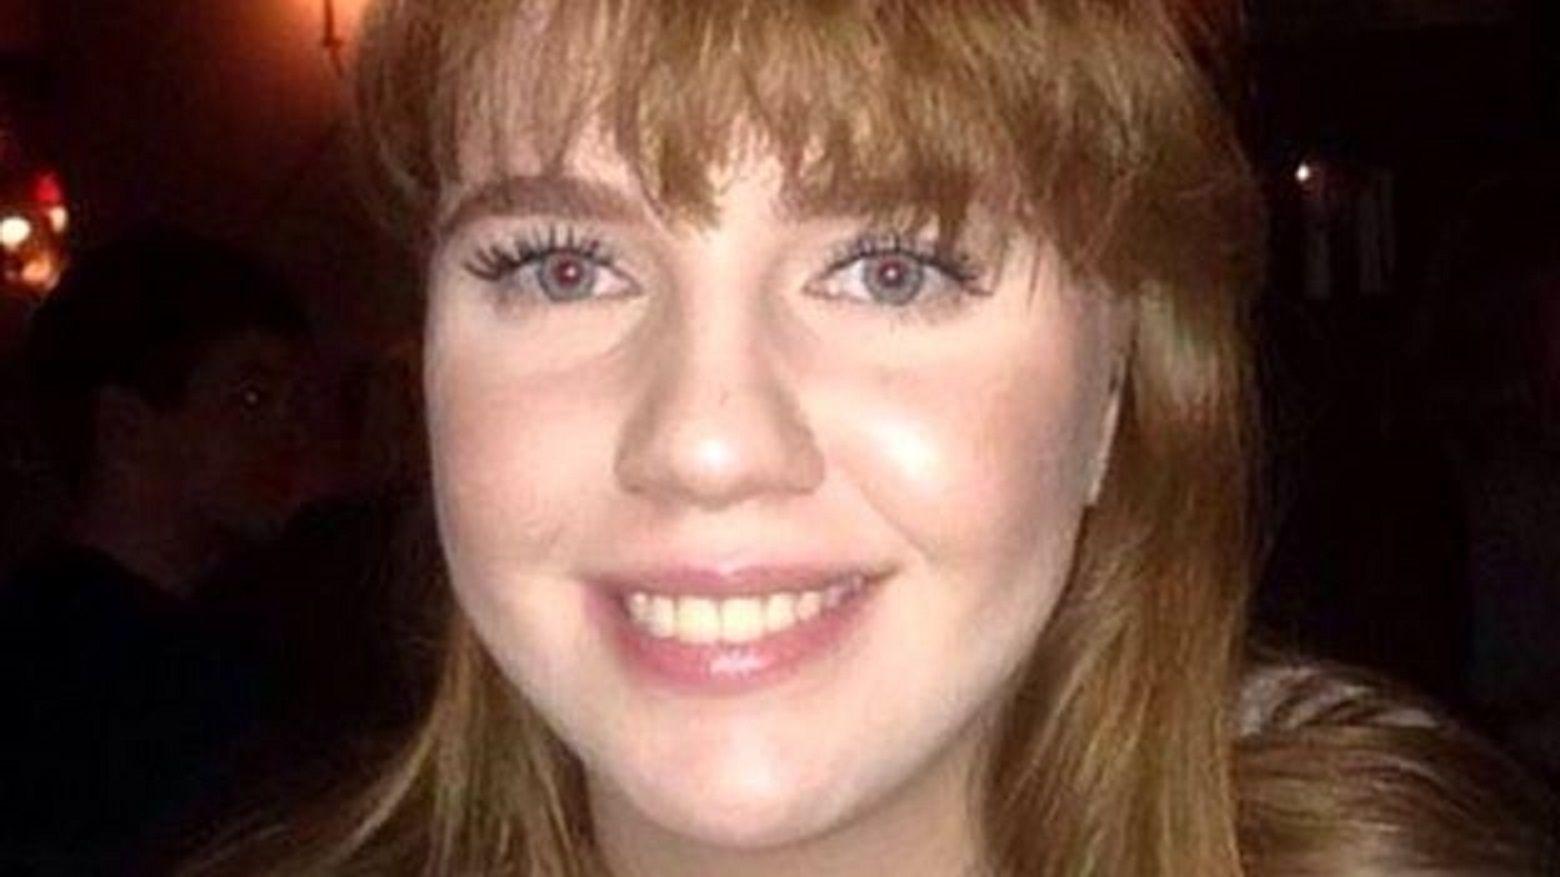 El misterioso crimen de una joven que conmociona a Islandia